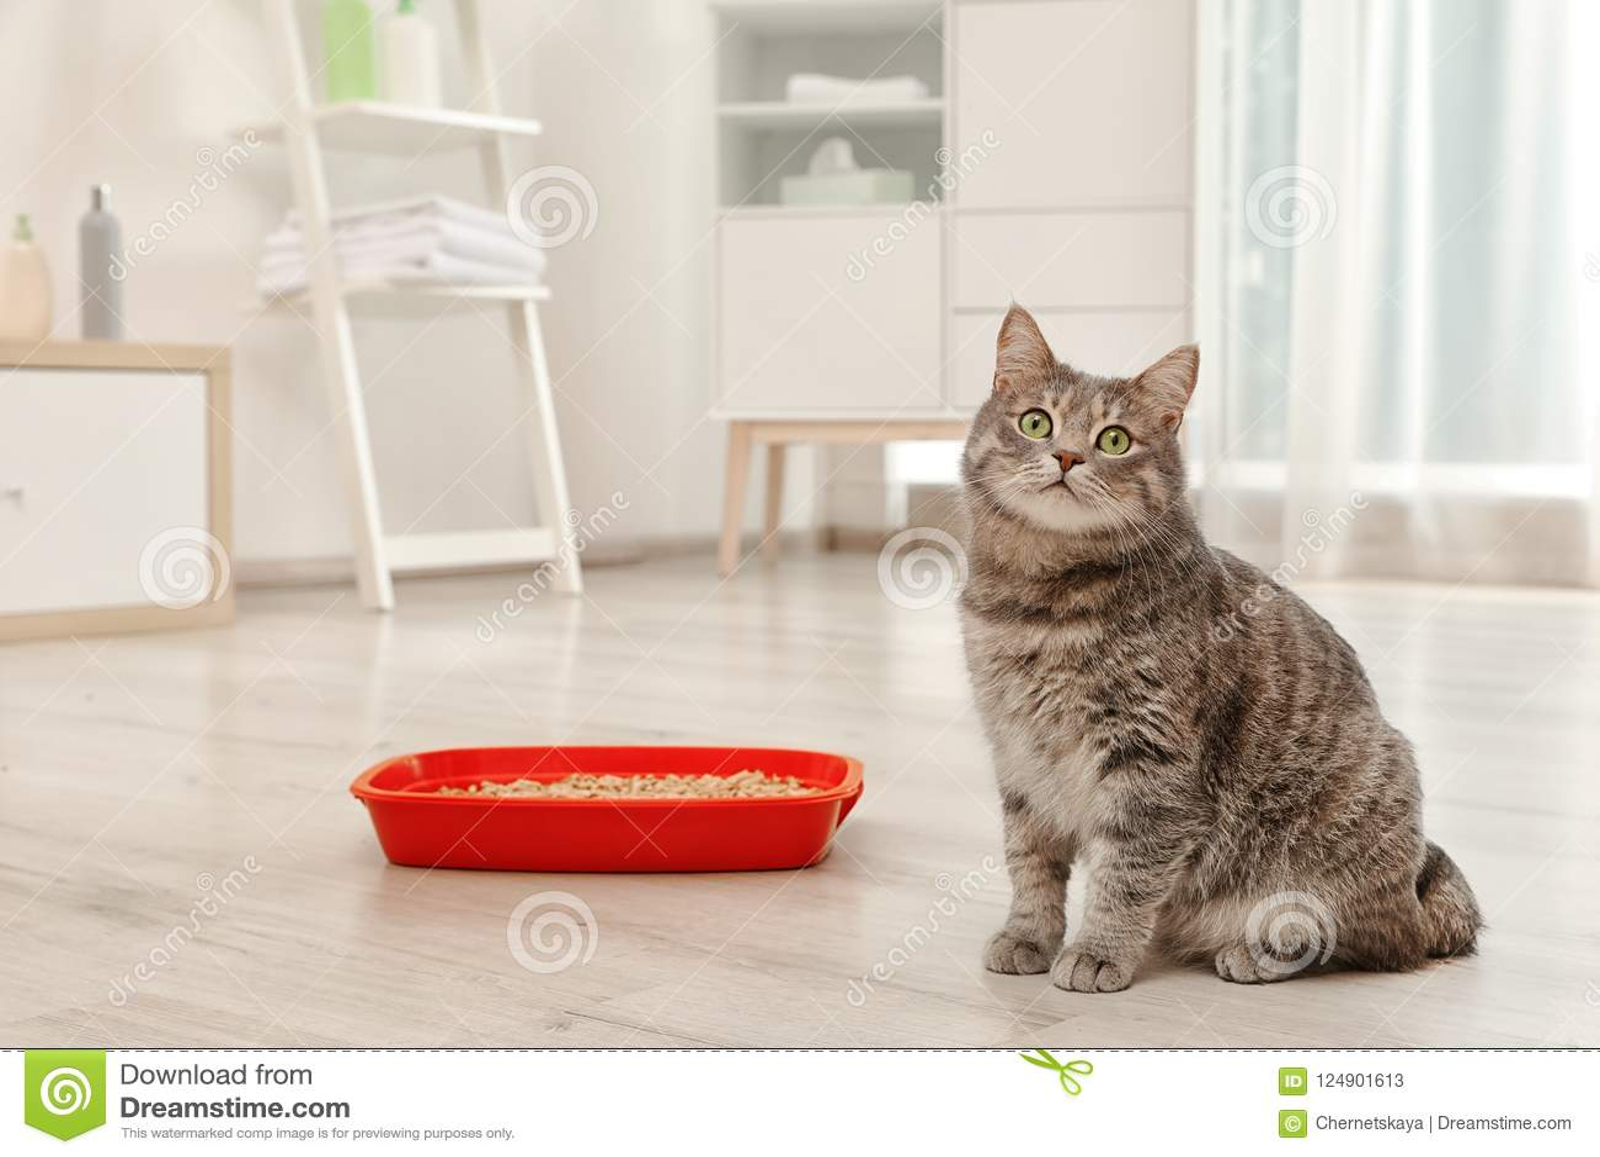 Прелестный серый кот около коробки сора внутри помещения